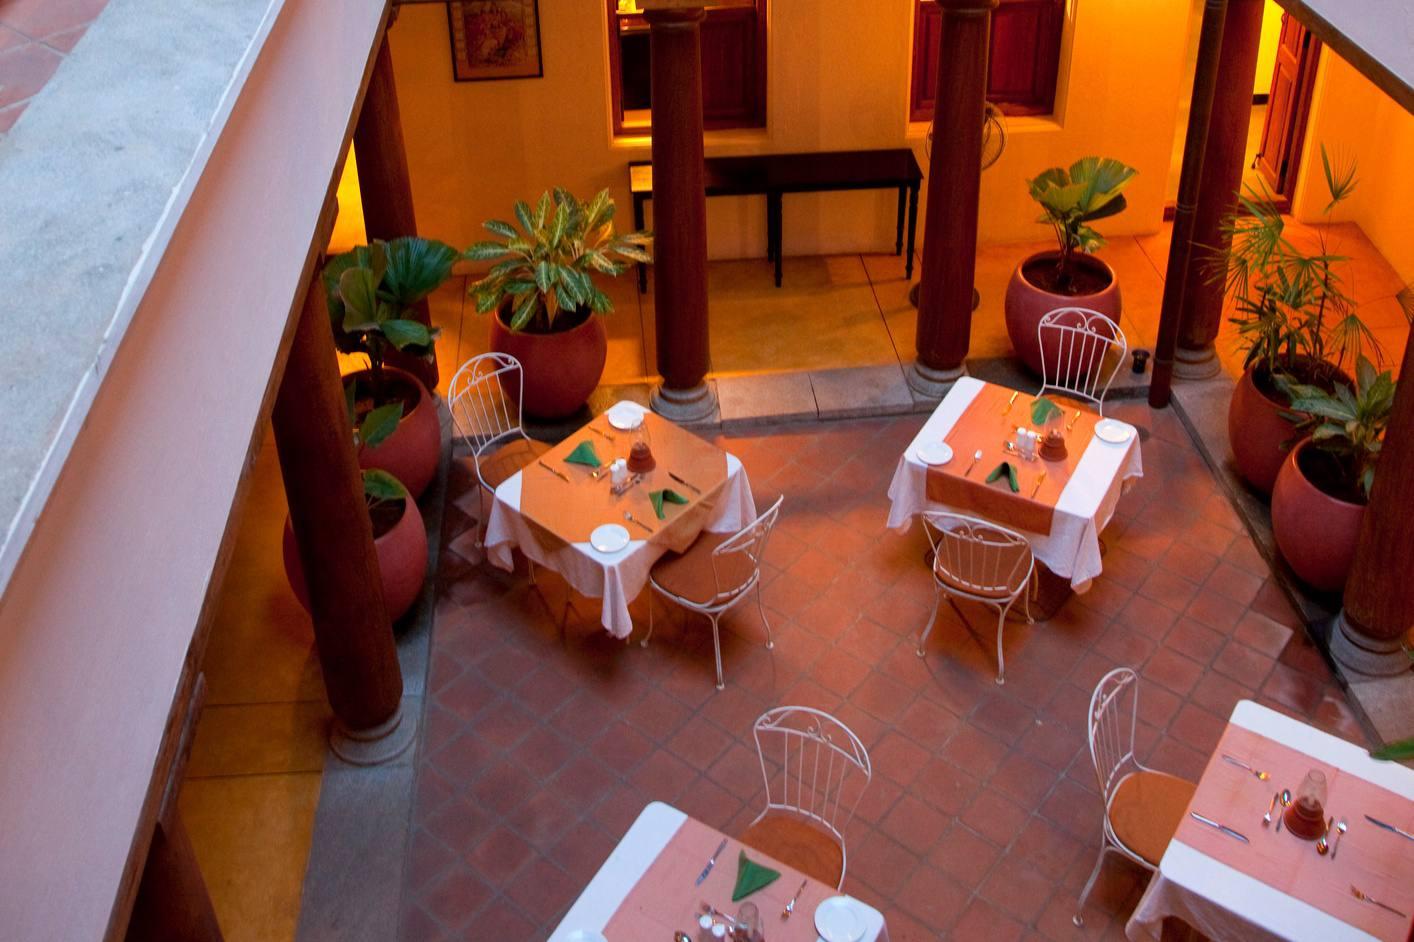 Restaurant in Pondicherry.